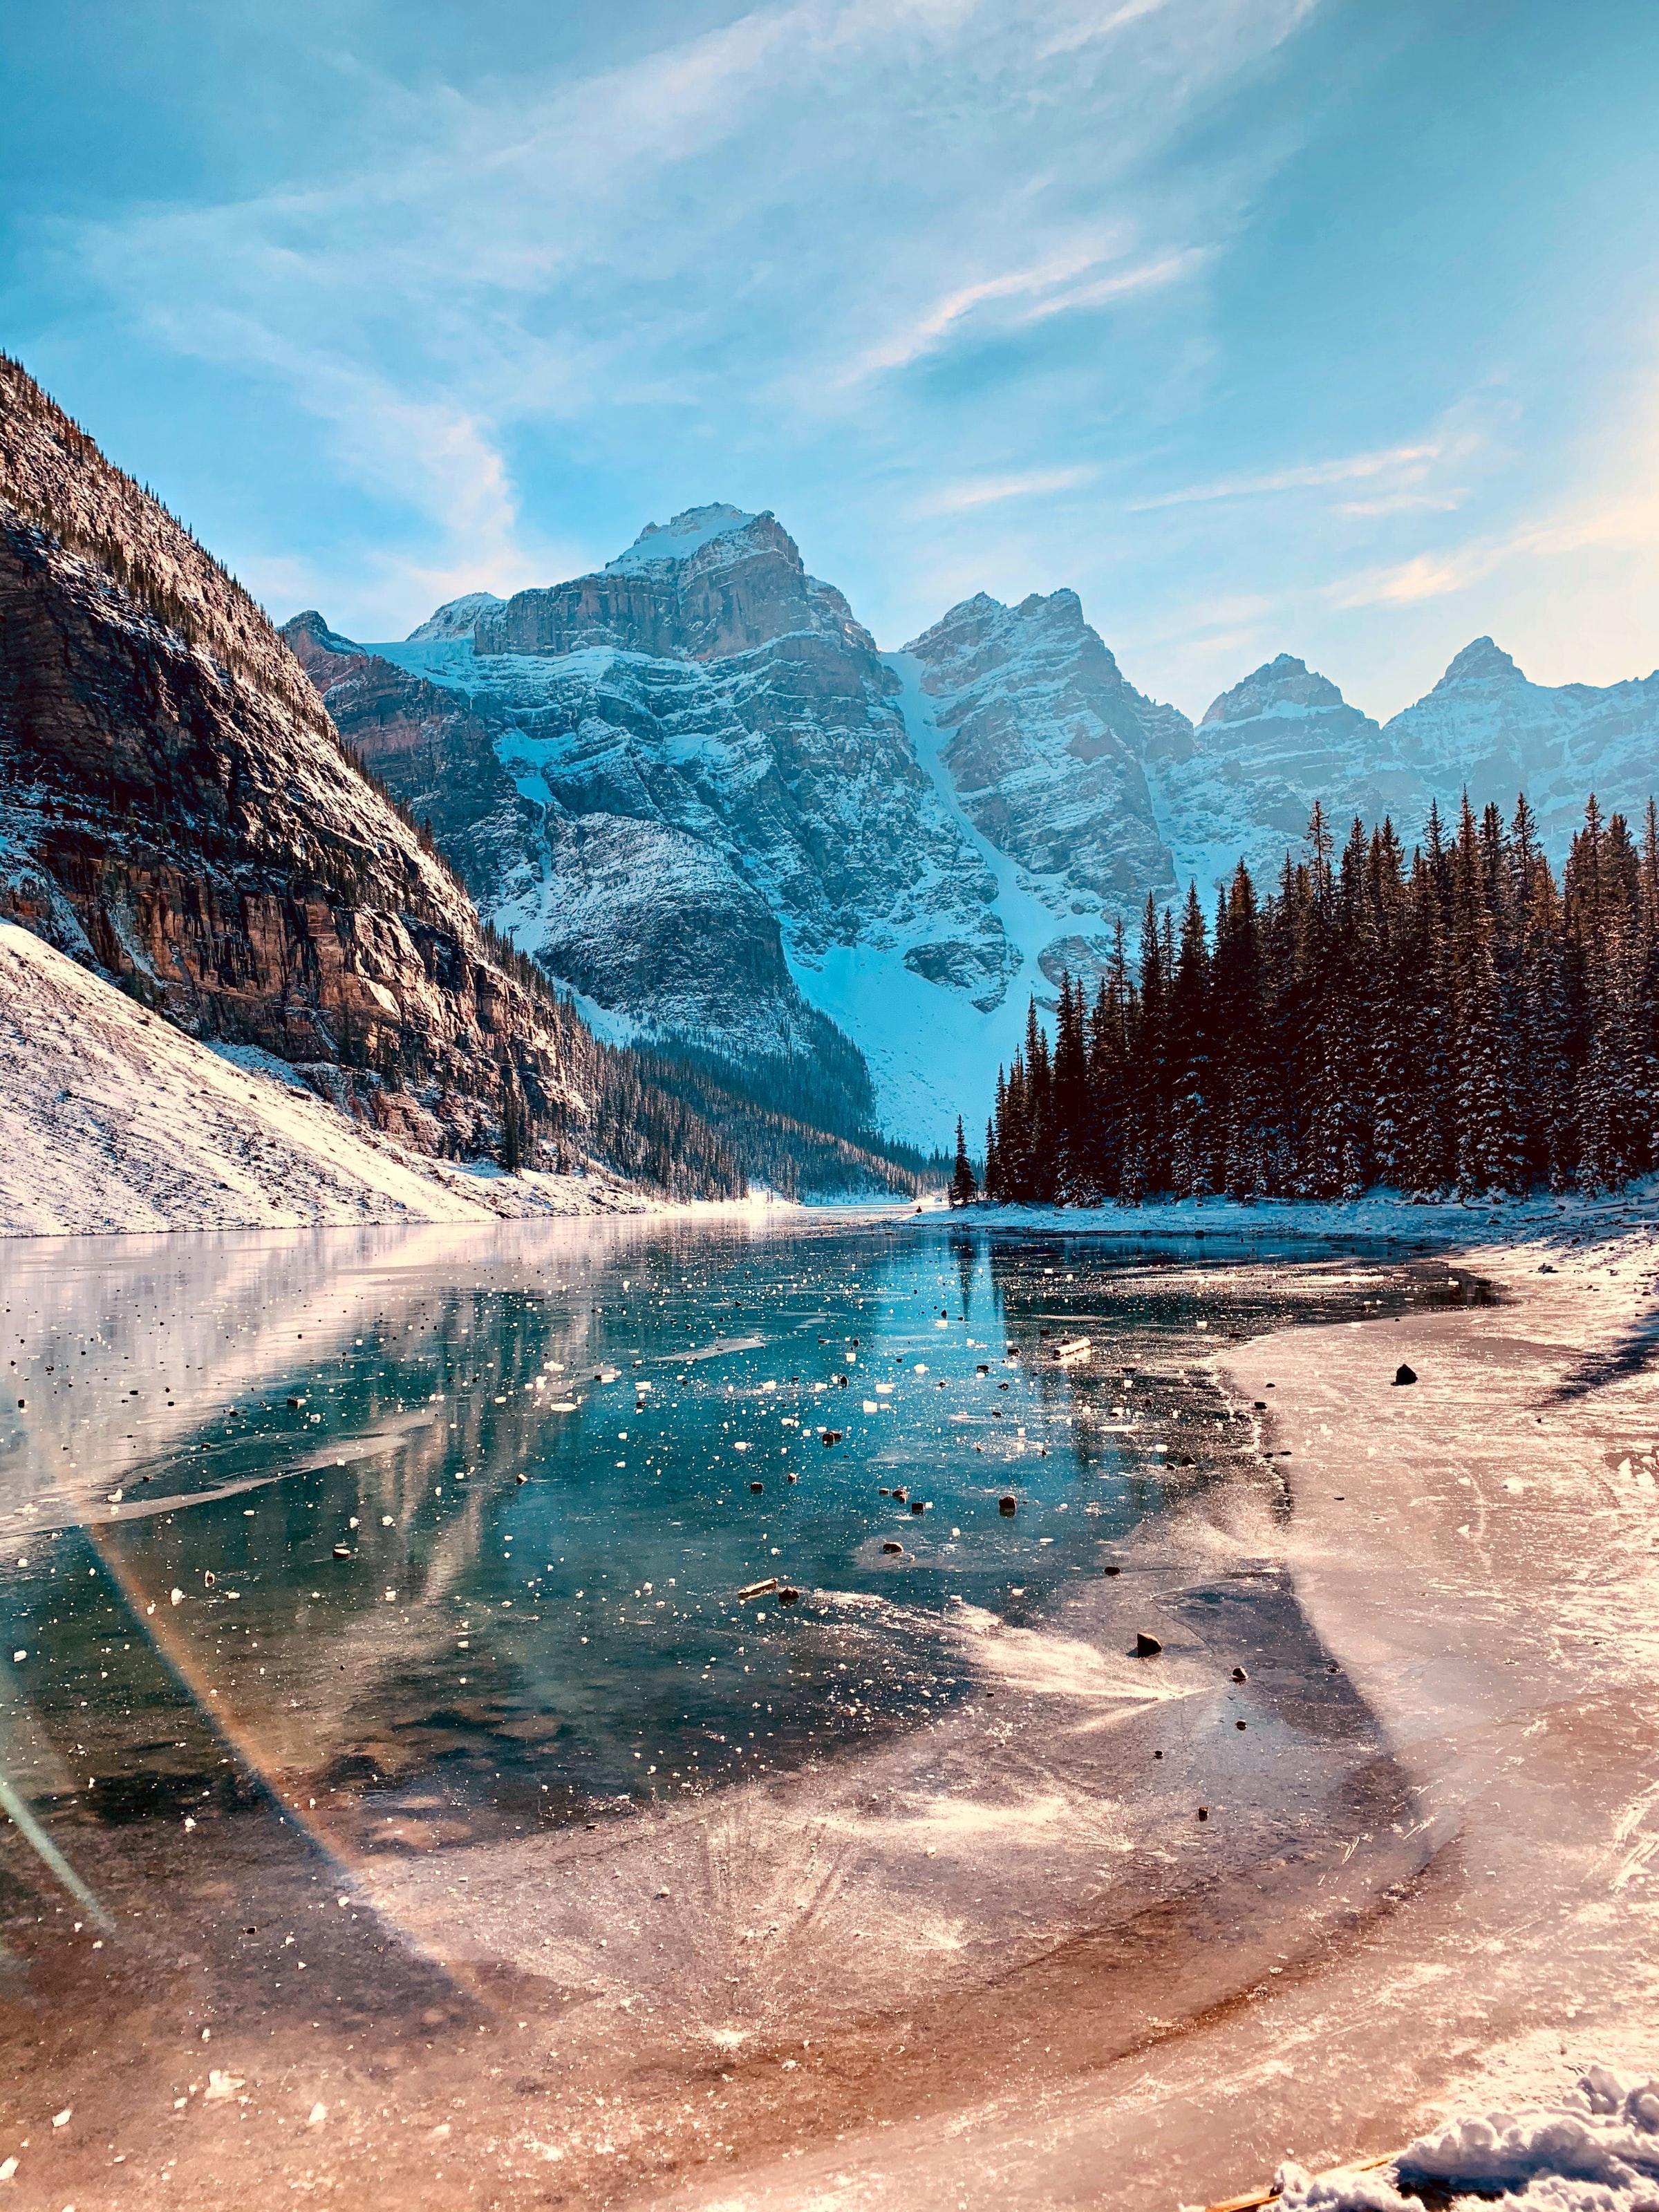 141464 Заставки и Обои Лед на телефон. Скачать Лед, Природа, Деревья, Горы, Скалы, Озеро, Склон картинки бесплатно